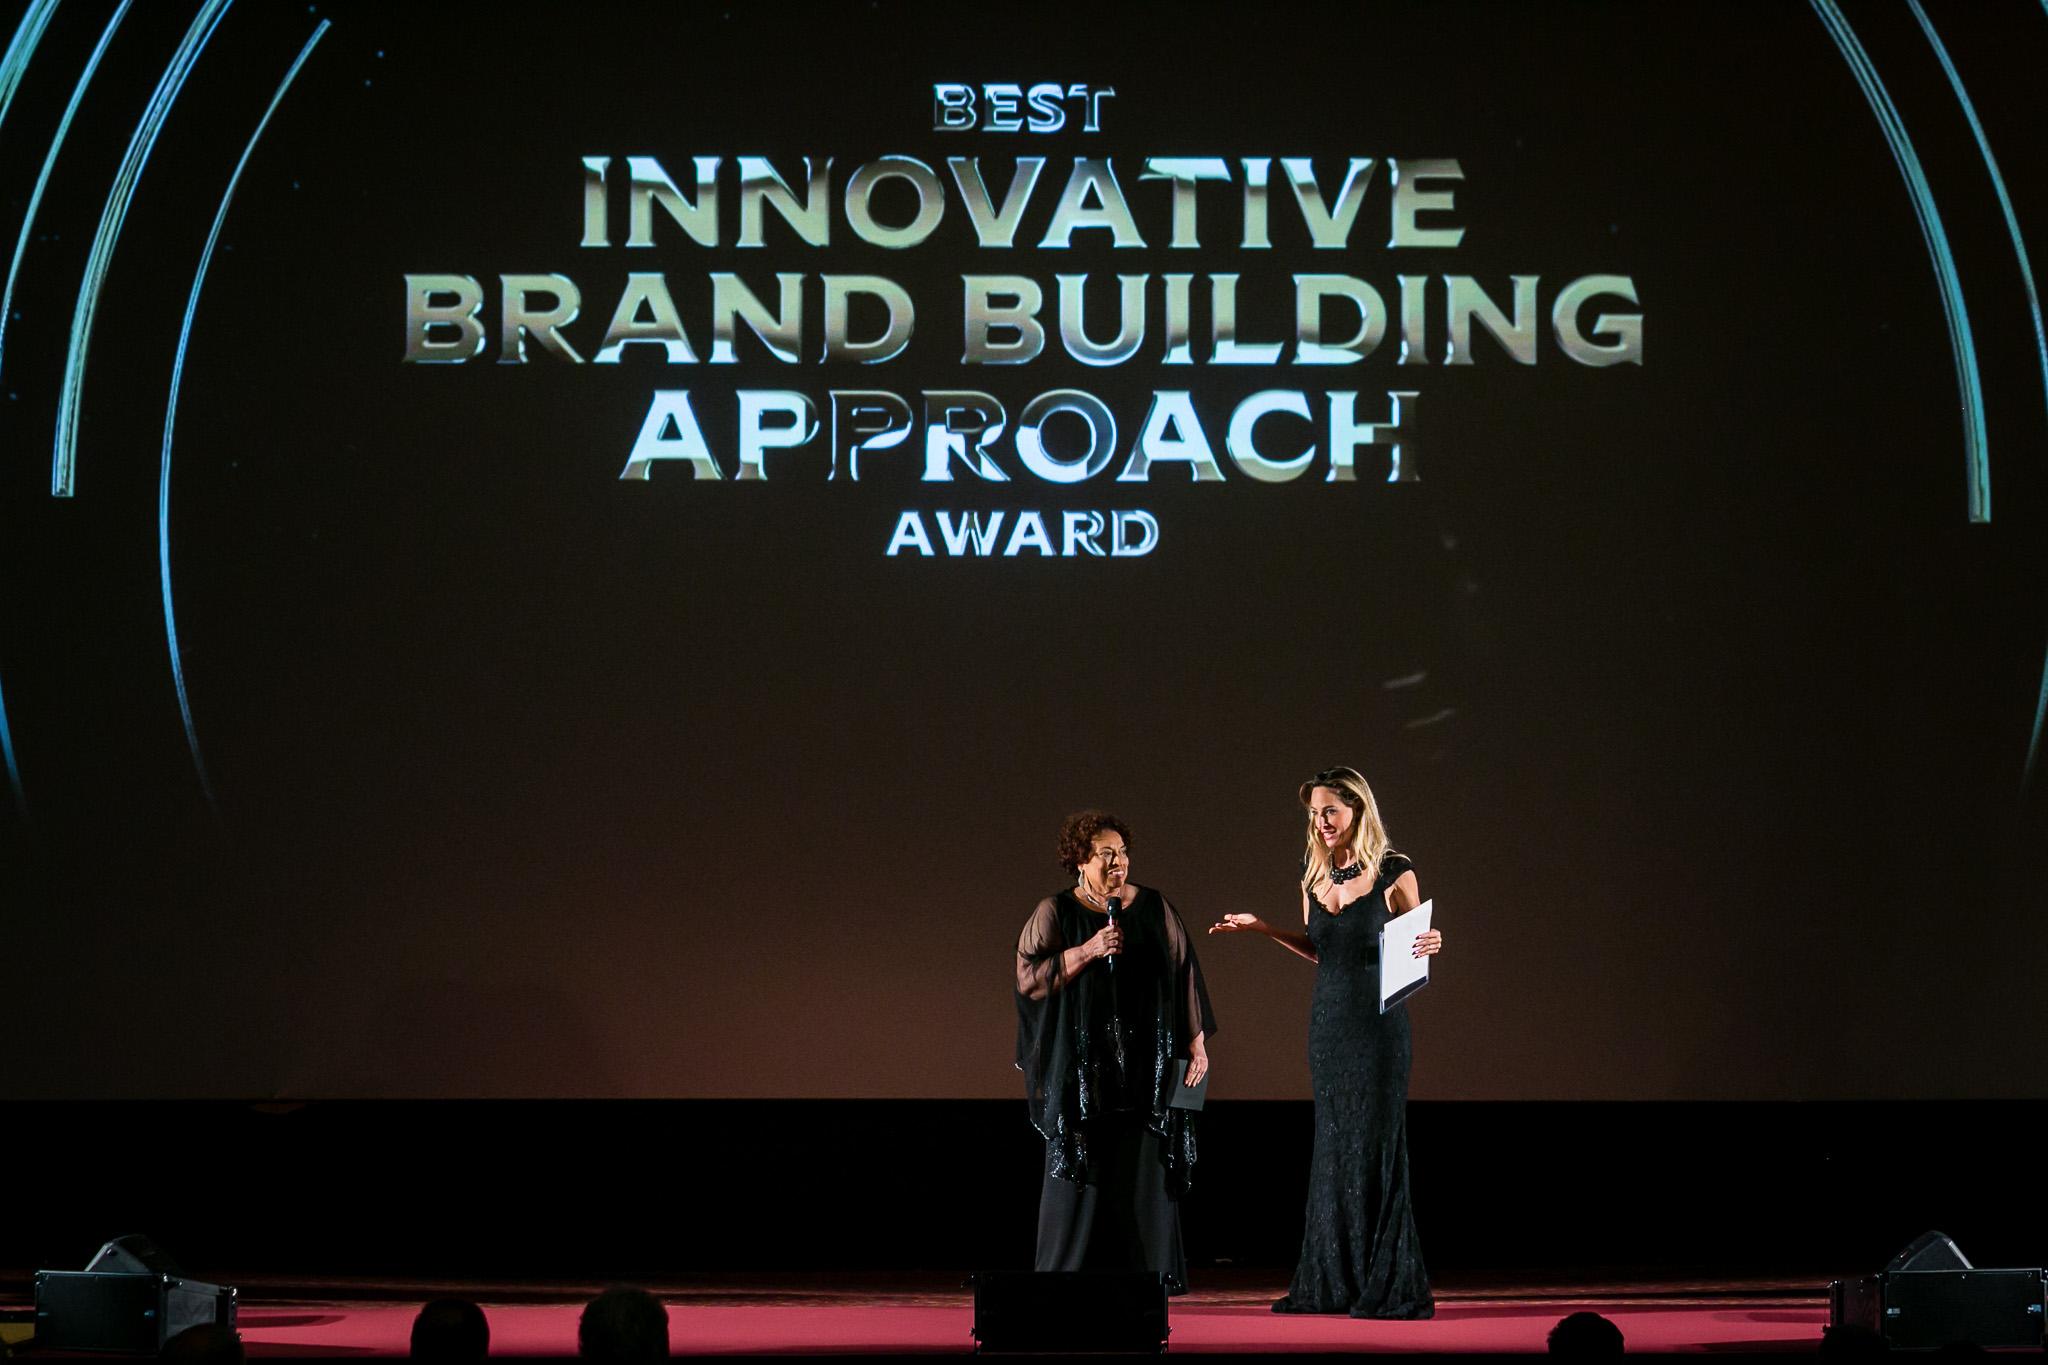 Jessica hosting a private corporate event awards ceremony